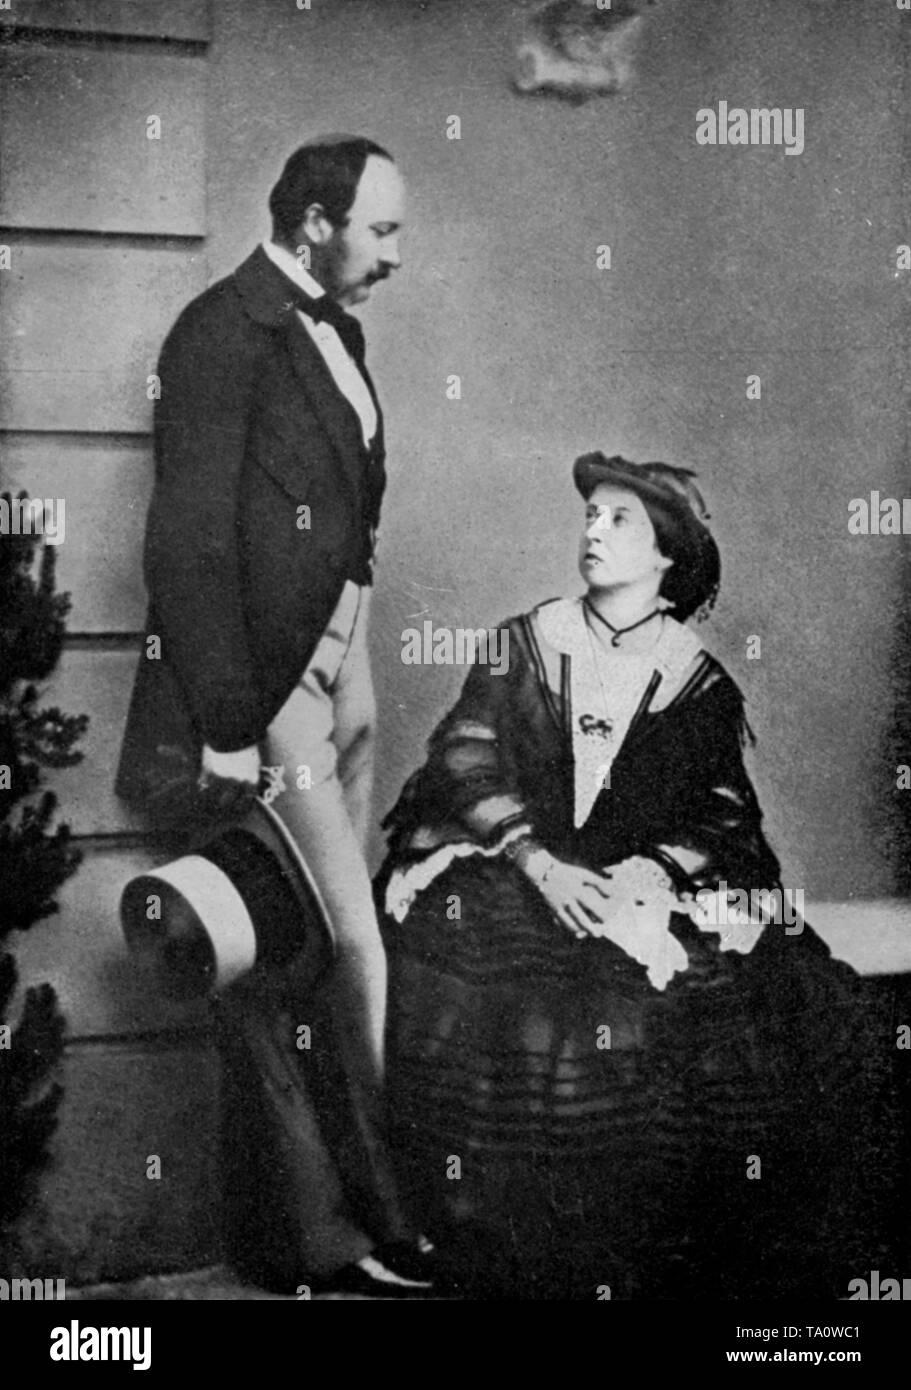 La reine Victoria (1819-1901) et le Prince consort (1819-1861) en 1860. Artiste: Lytton Strachey, la Martiniere, Londres. La reine Victoria (1819-1901) et le Prince consort (1819-1861) on voit ici l'année avant le Prince Consort est mort de la fièvre typhoïde. La reine Victoria est le monarque du Royaume-Uni de Grande-Bretagne et d'Irlande de 20 juin 1837 jusqu'à sa mort. Banque D'Images